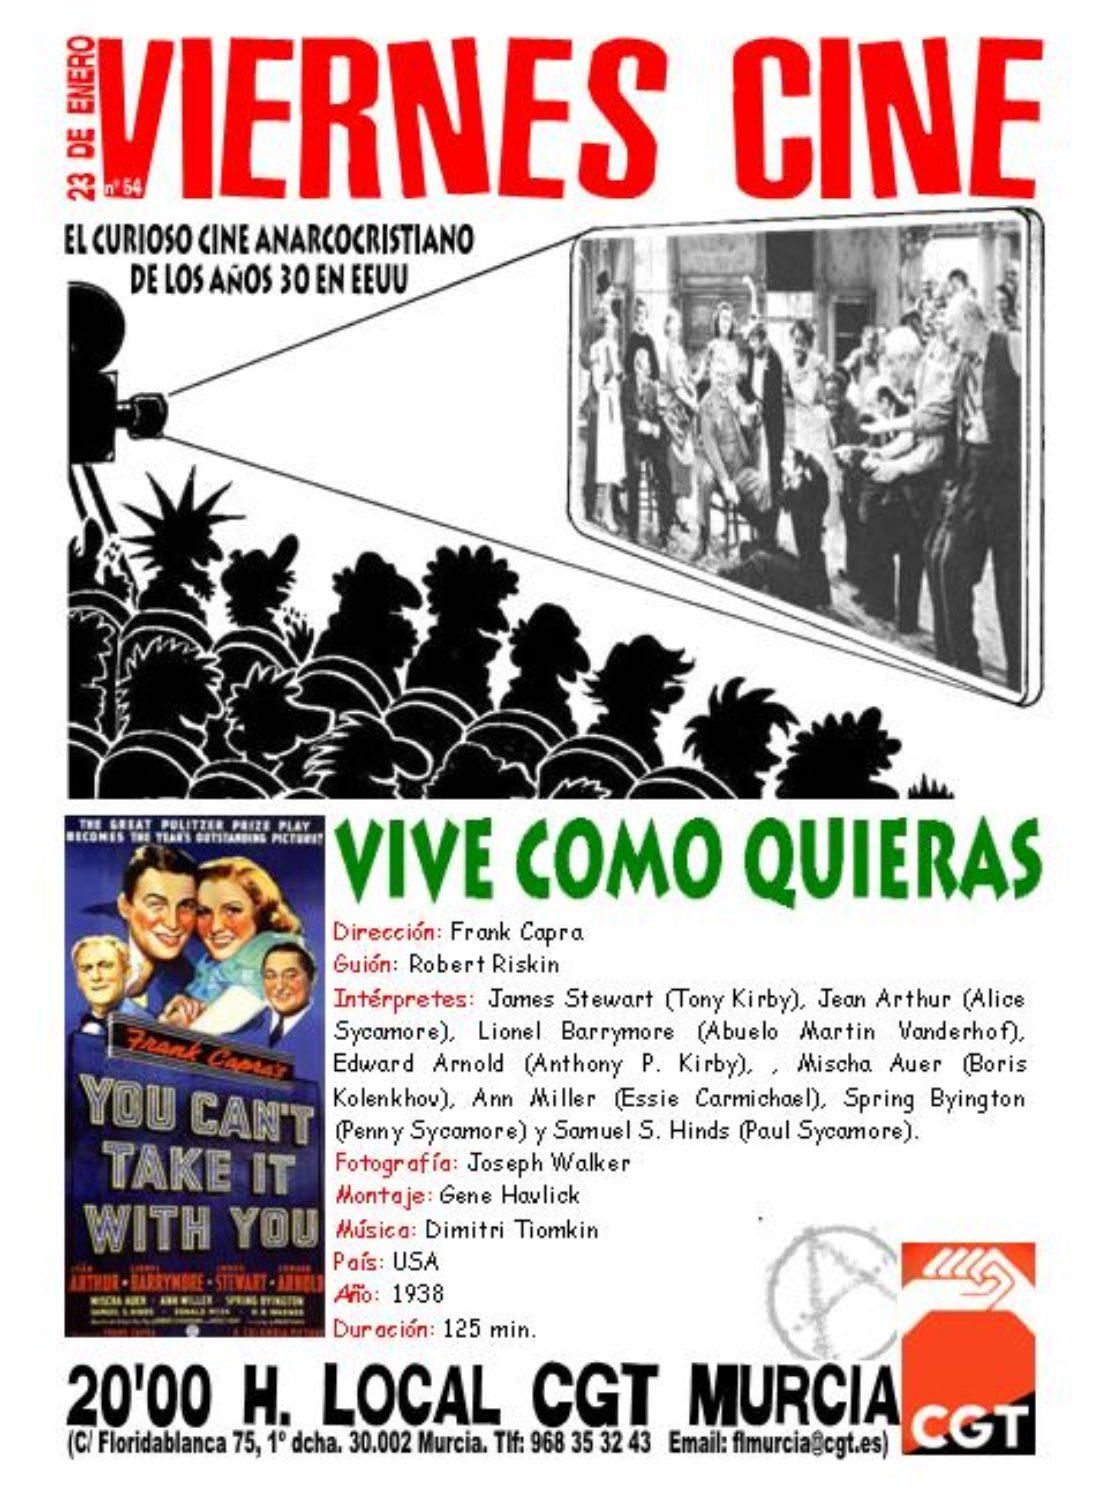 VIERNES CINE. El próximo 23 de enero VIVE COMO QUIERAS de Frank Capra a las 20'00 h. en el local de CGT en Murcia